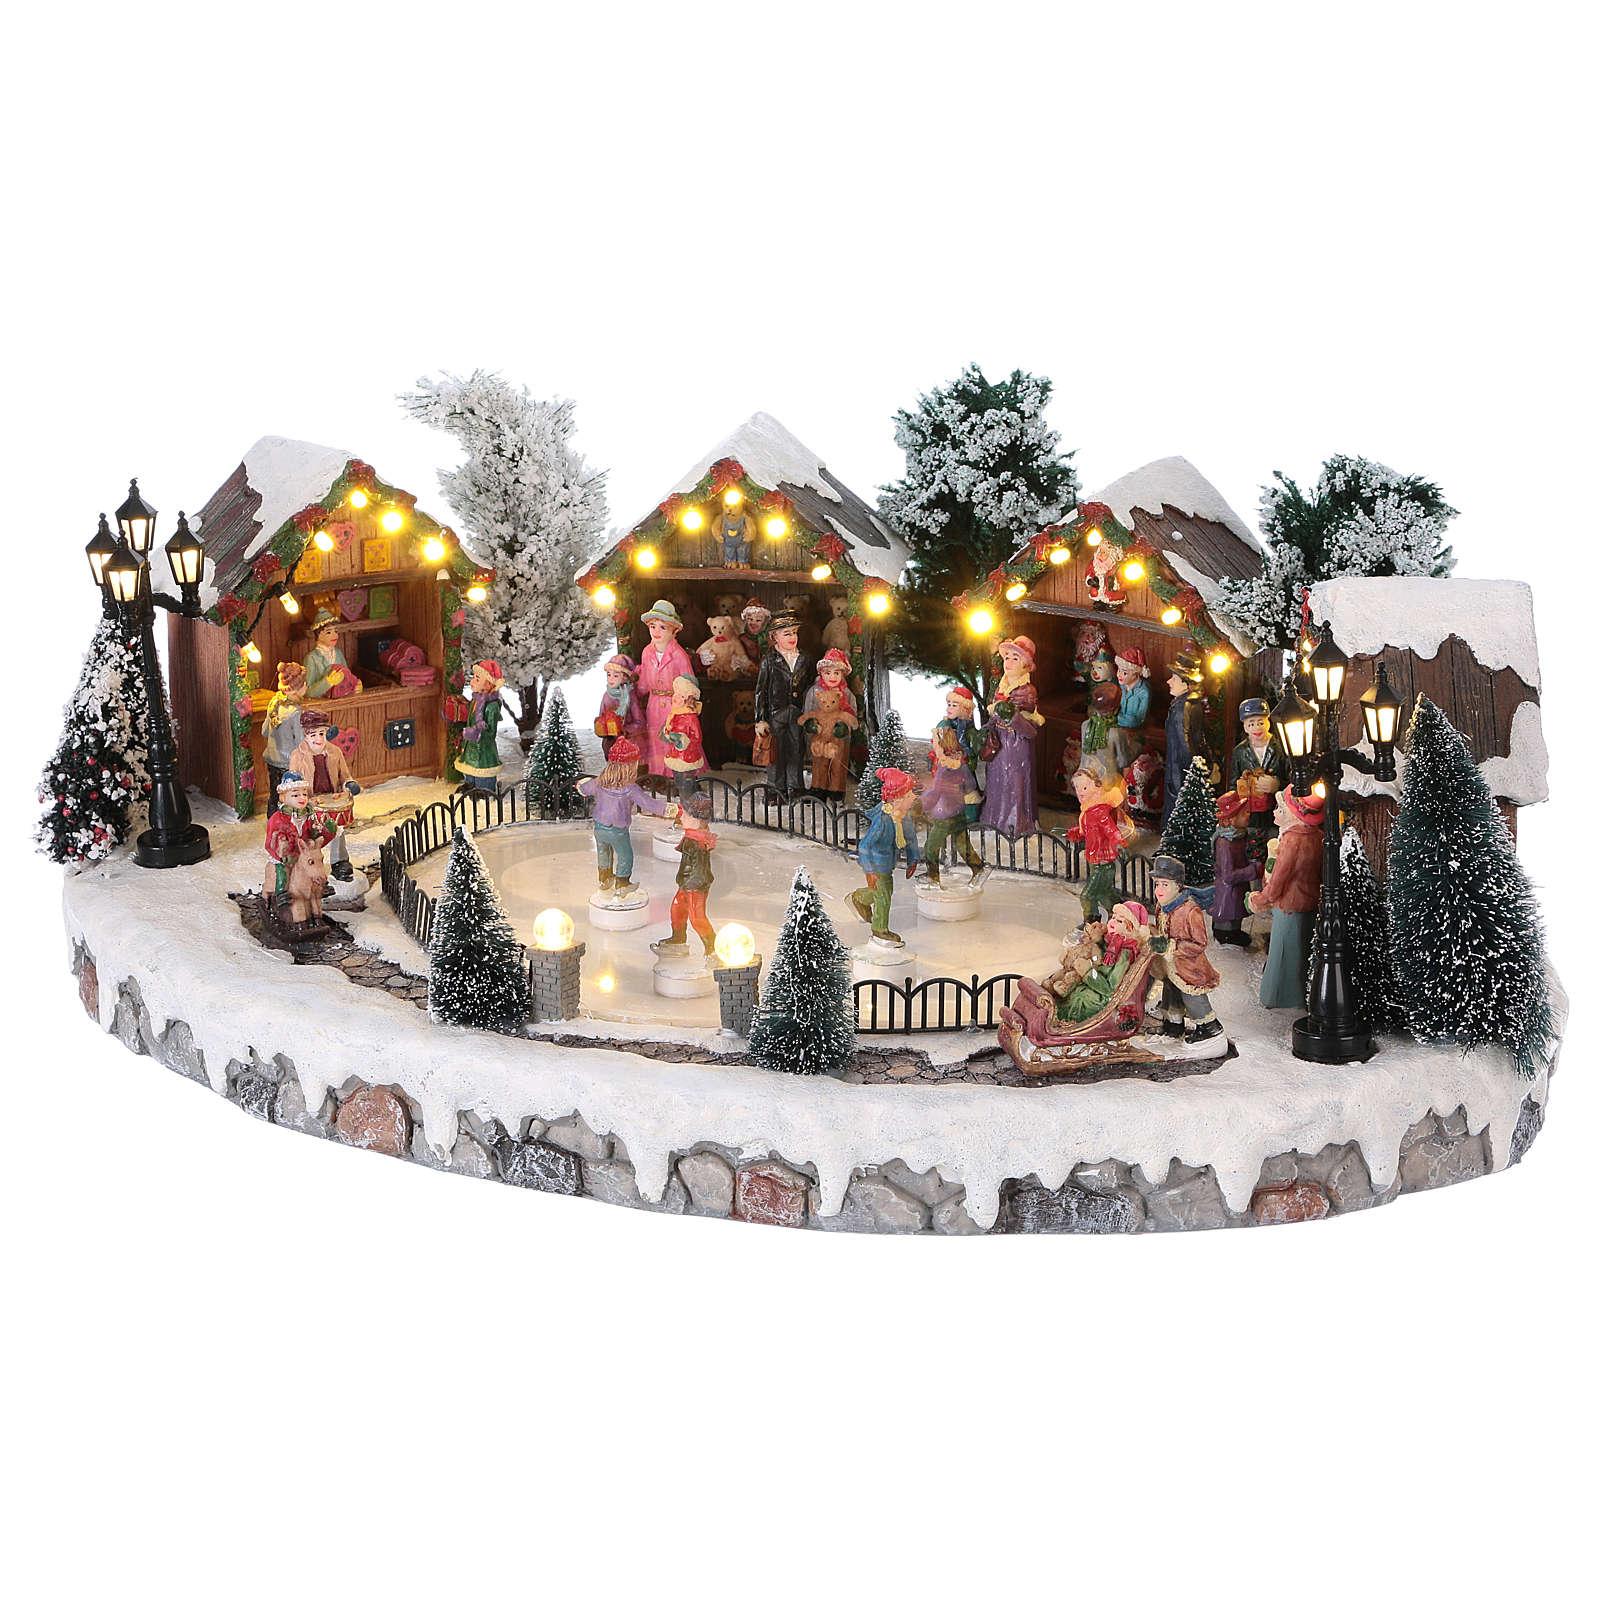 Villaggio di Natale pista pattinaggio luci musica movimento 20x45x30 cm corrente 3